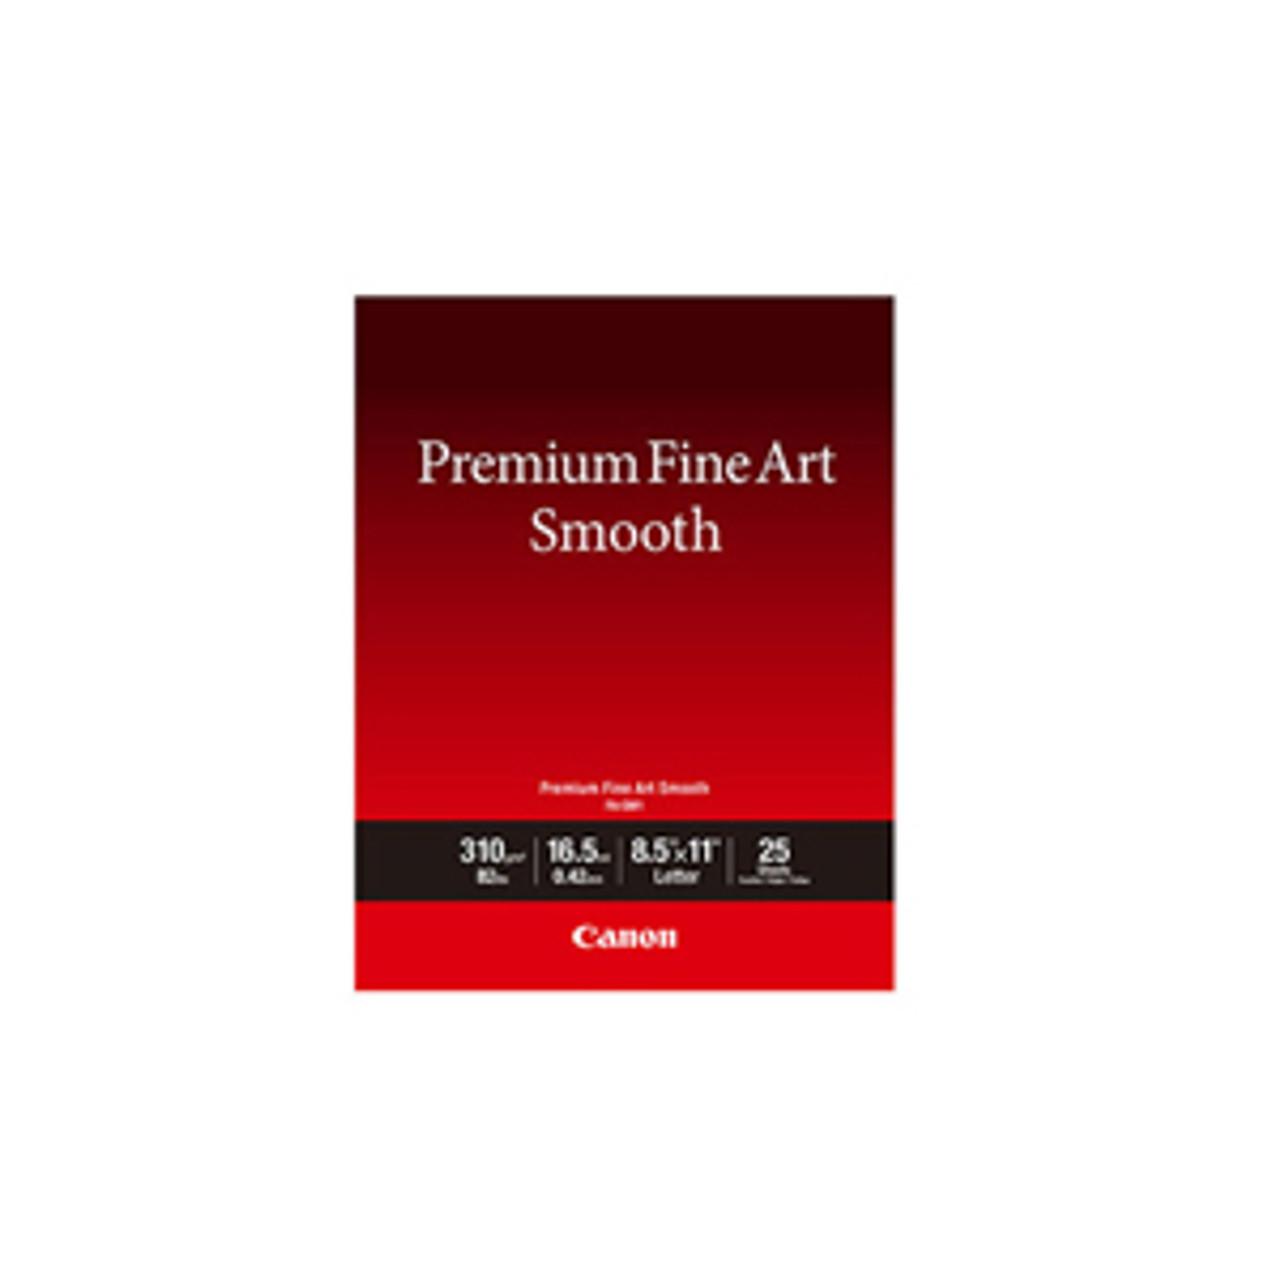 """Canon 8.5"""" x 11"""" Premium Fine Art Smooth Paper"""